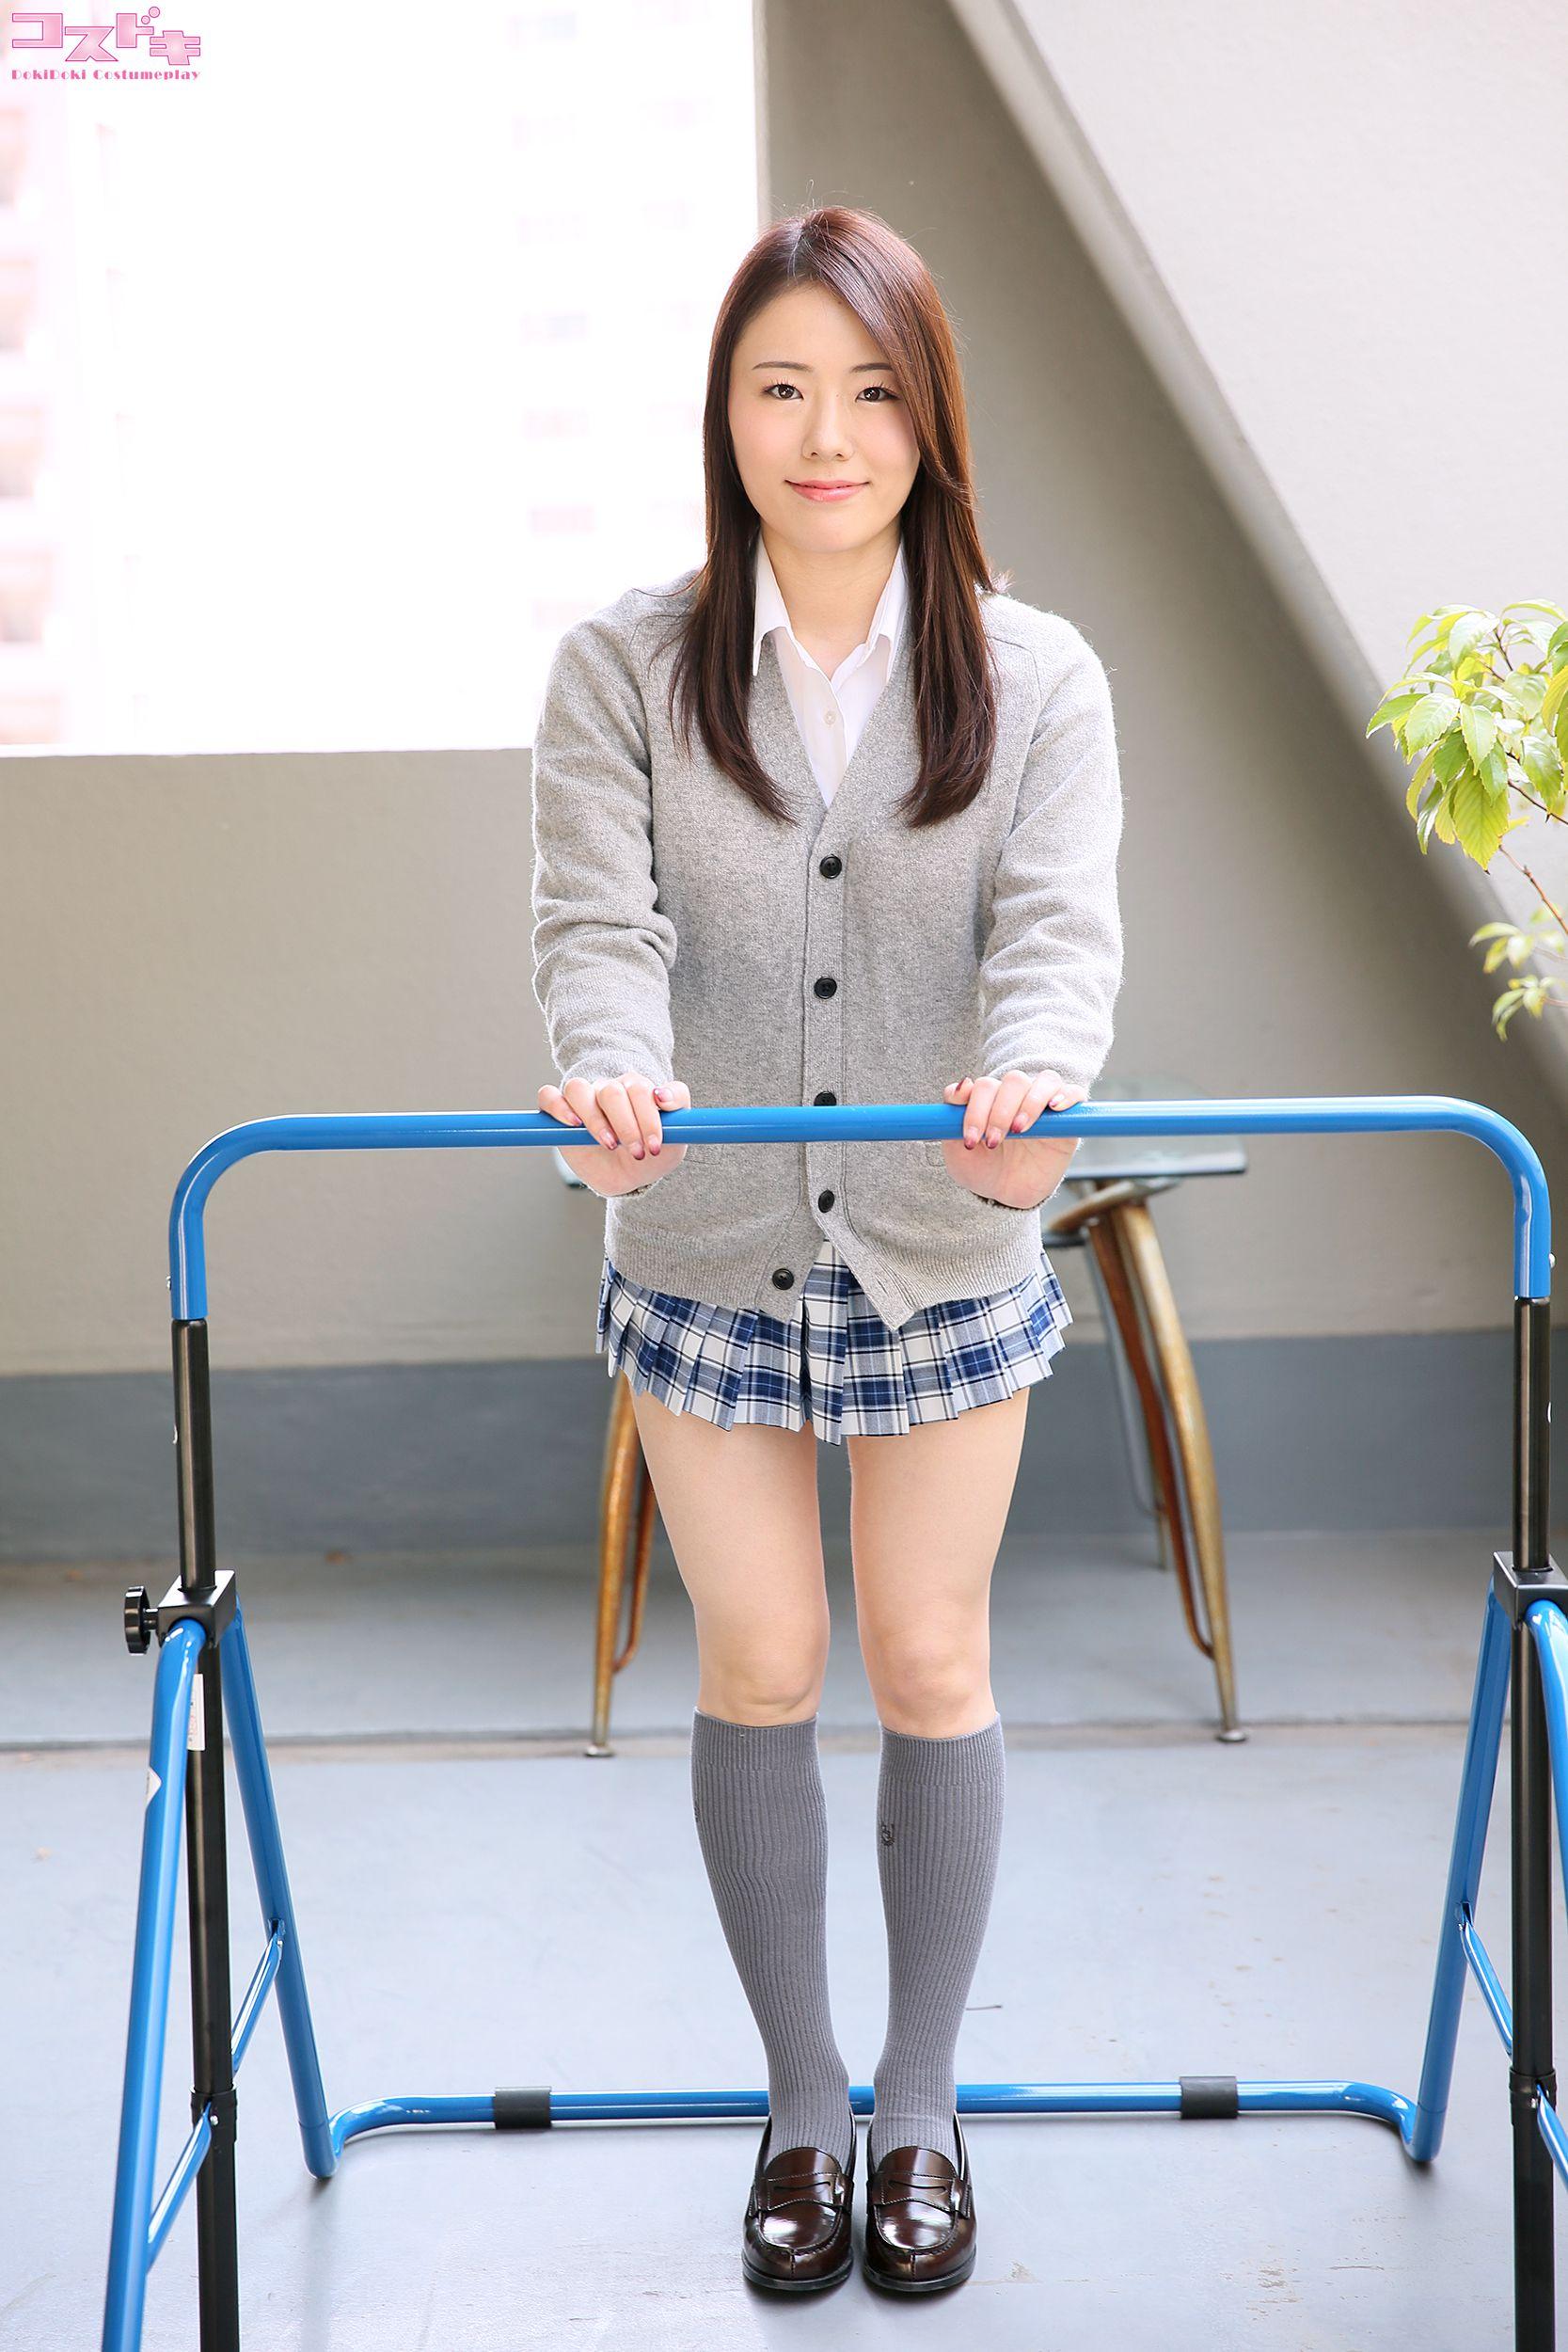 VOL.603 [Cosdoki]学生装:美倉あやみ超高清写真套图(30P)